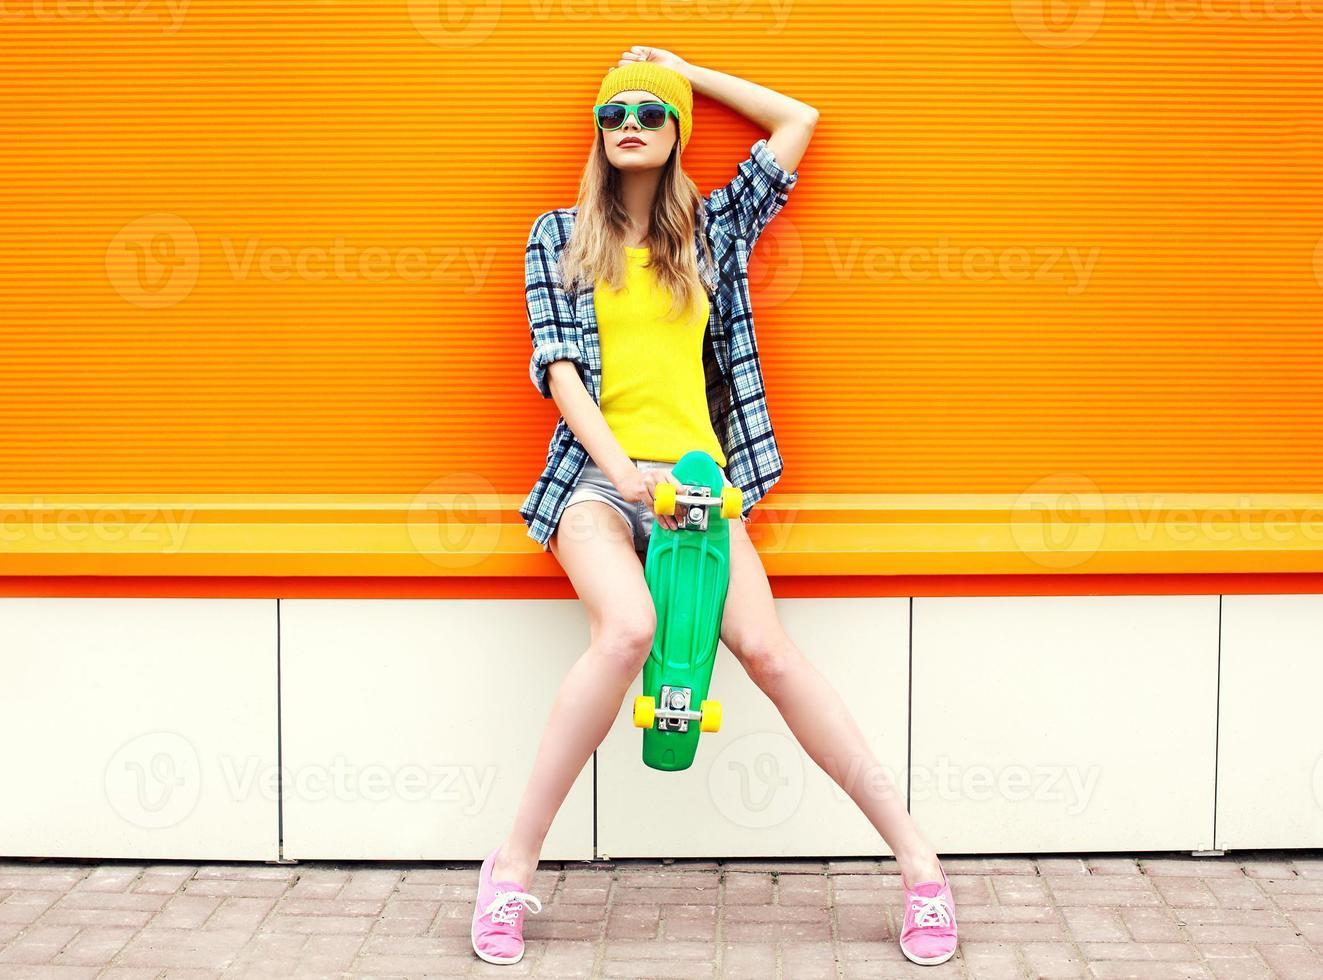 moda hipster cool girl en gafas de sol y ropa colorida ingenio foto